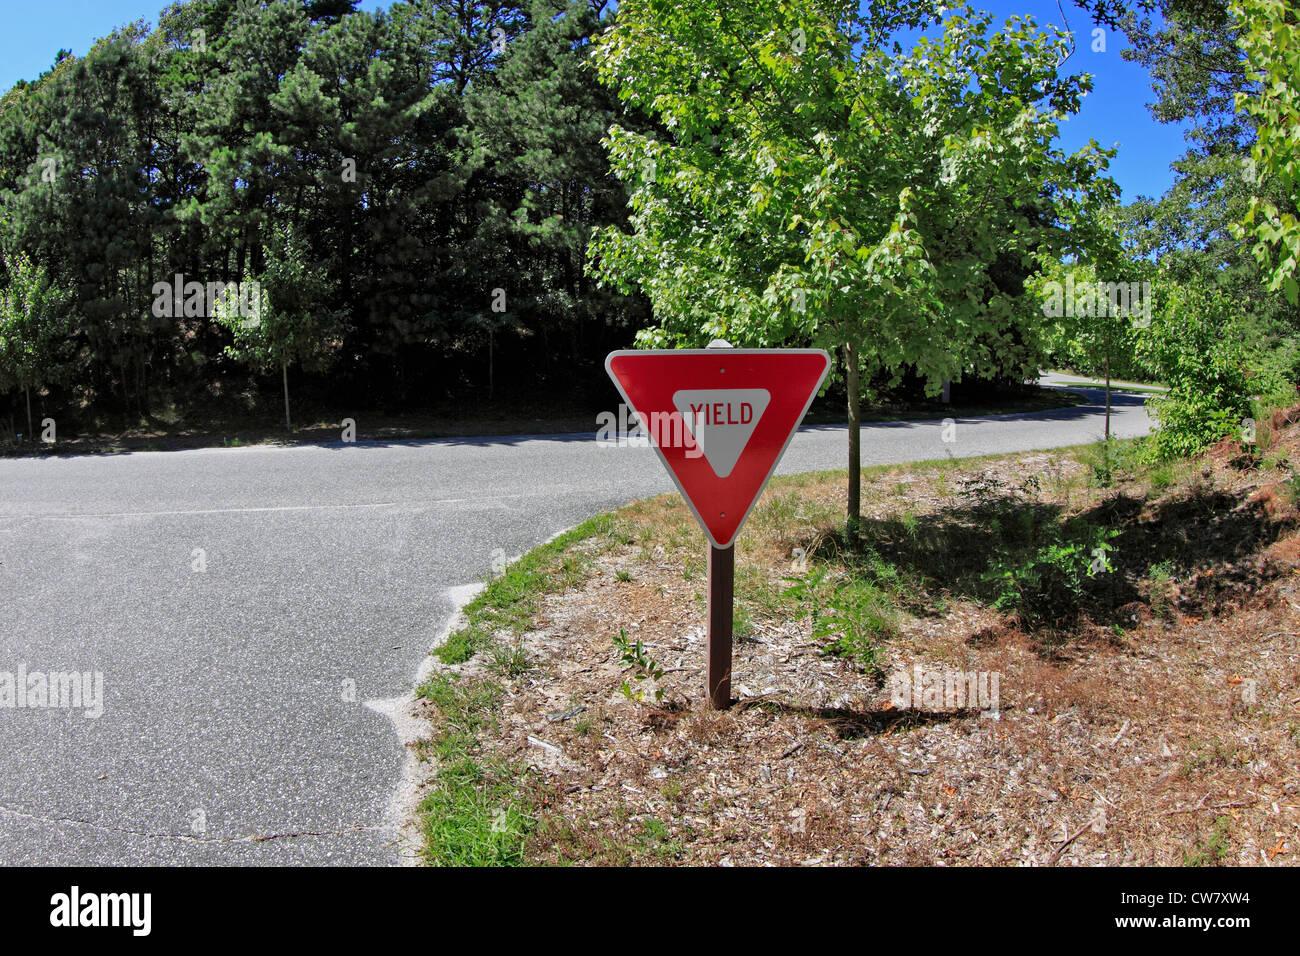 Yield sign Long Island NY - Stock Image